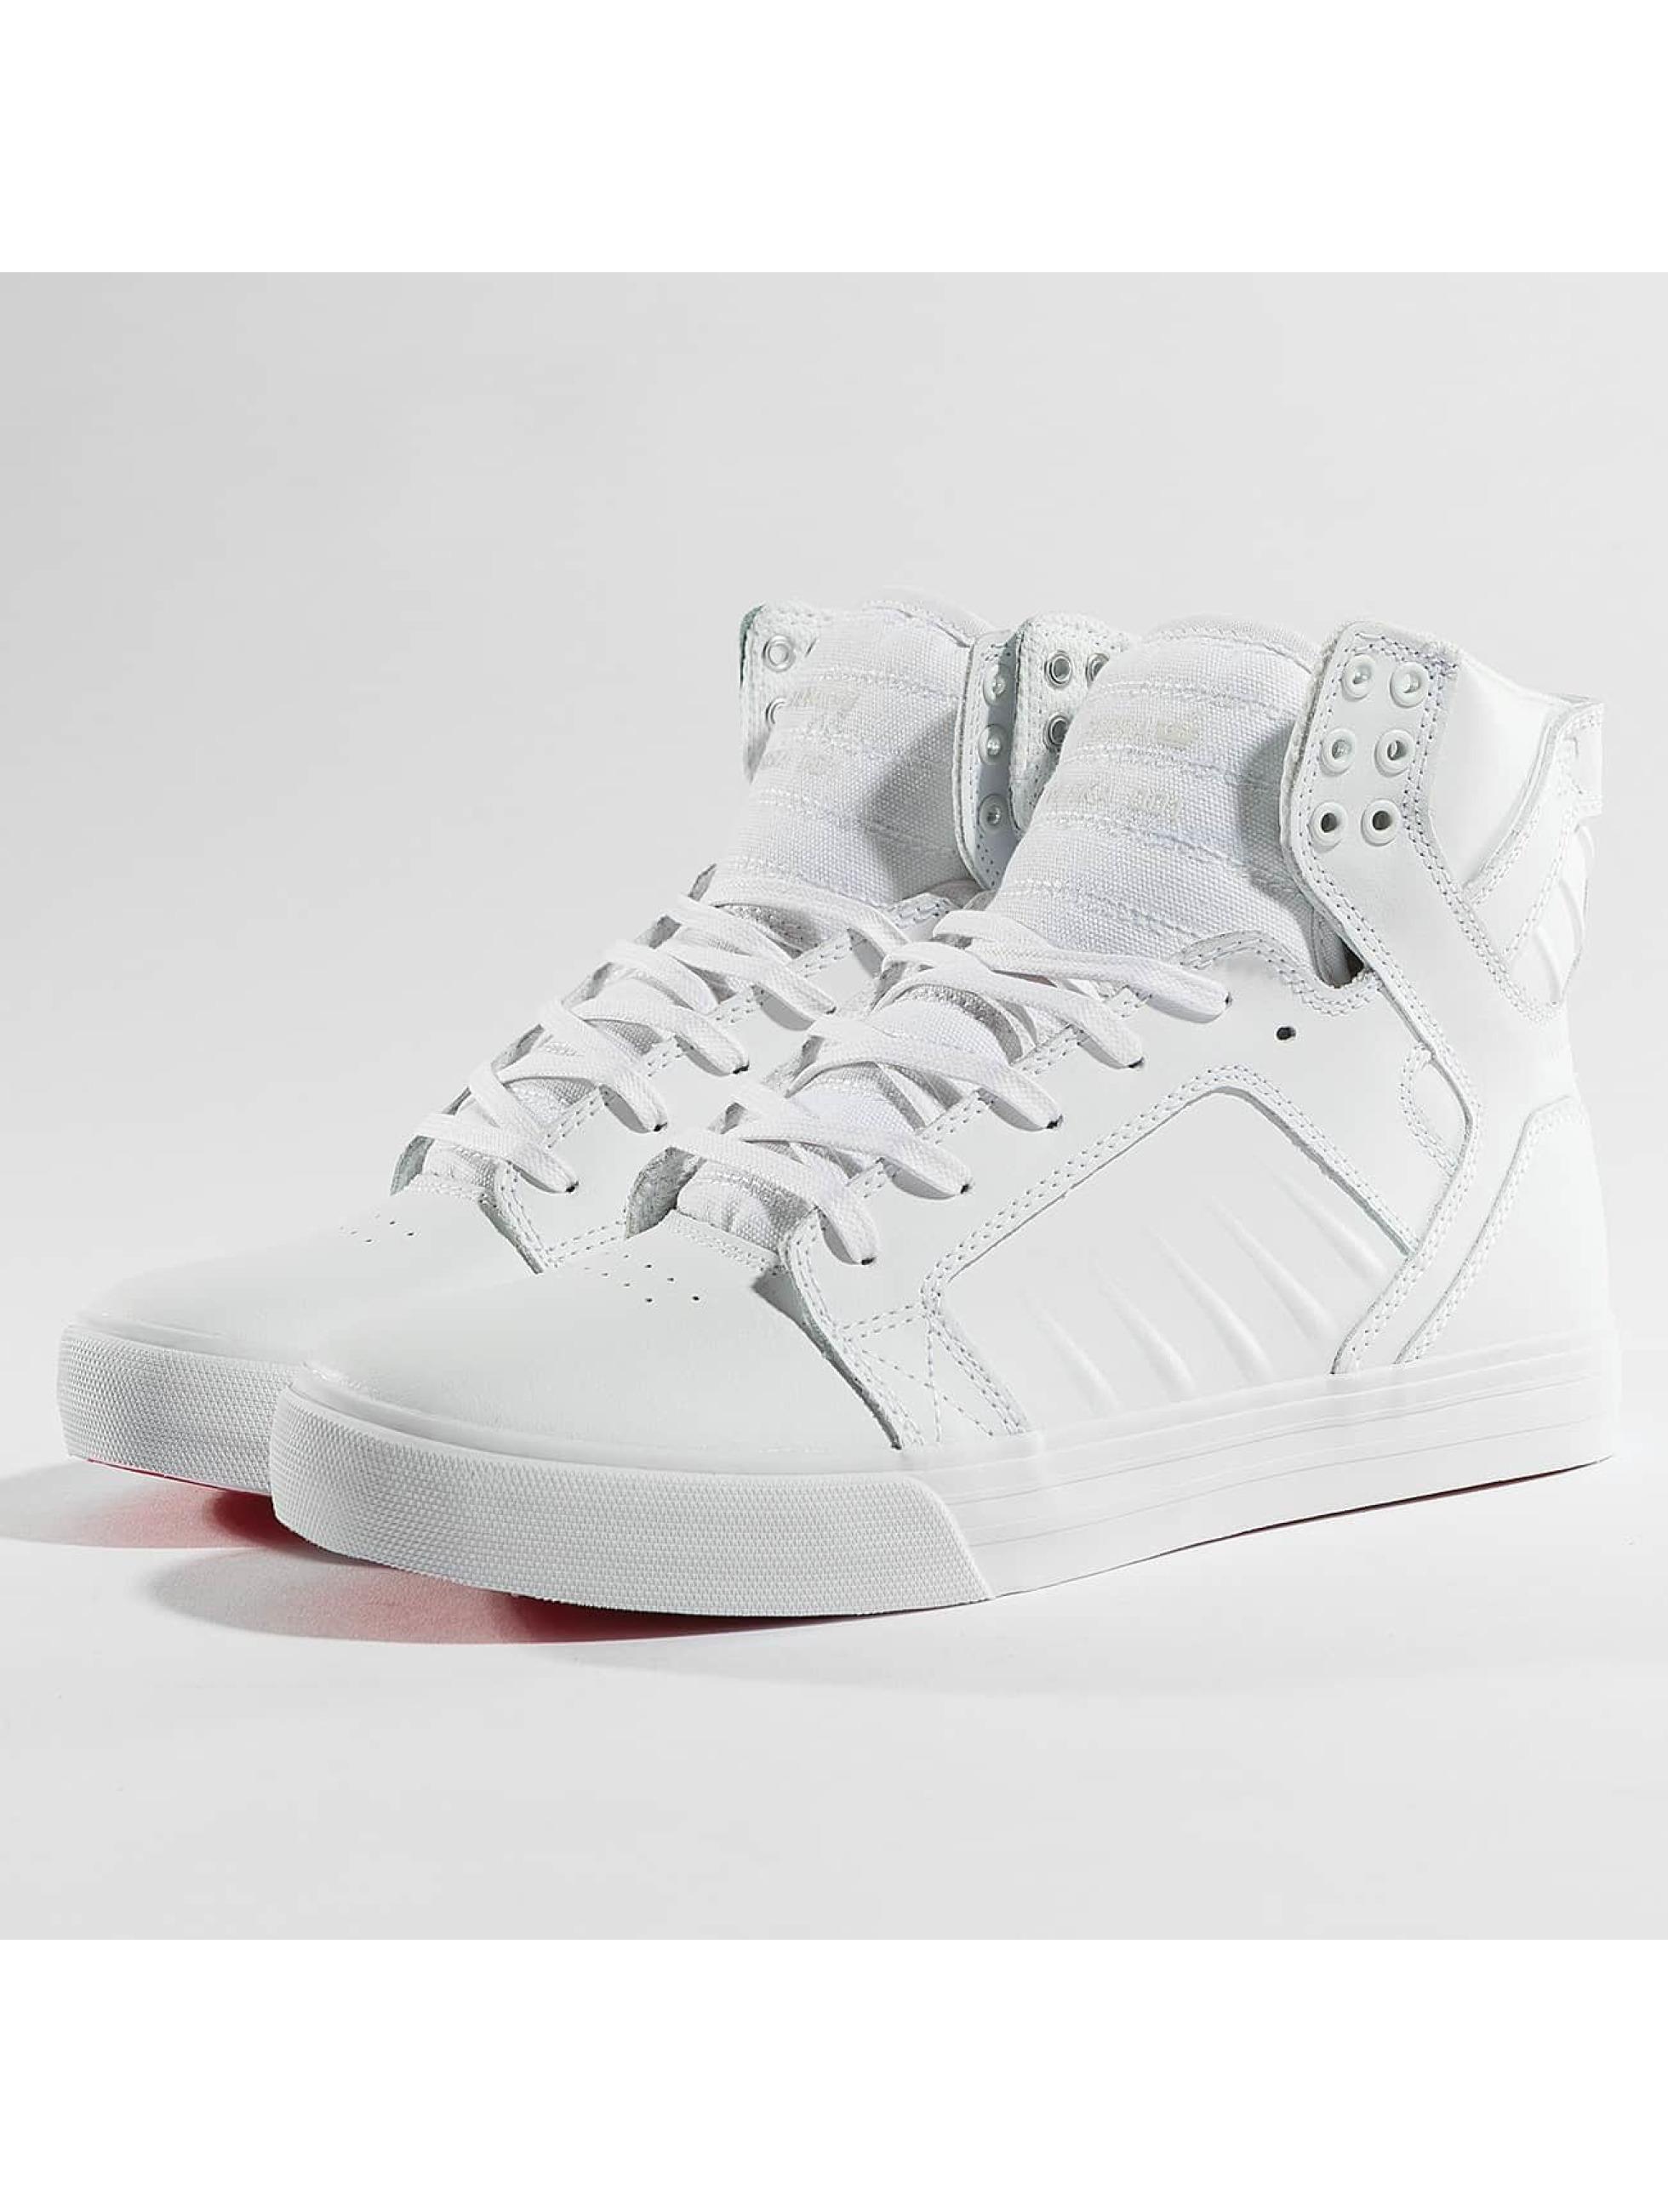 Supra Sneakers Evo white